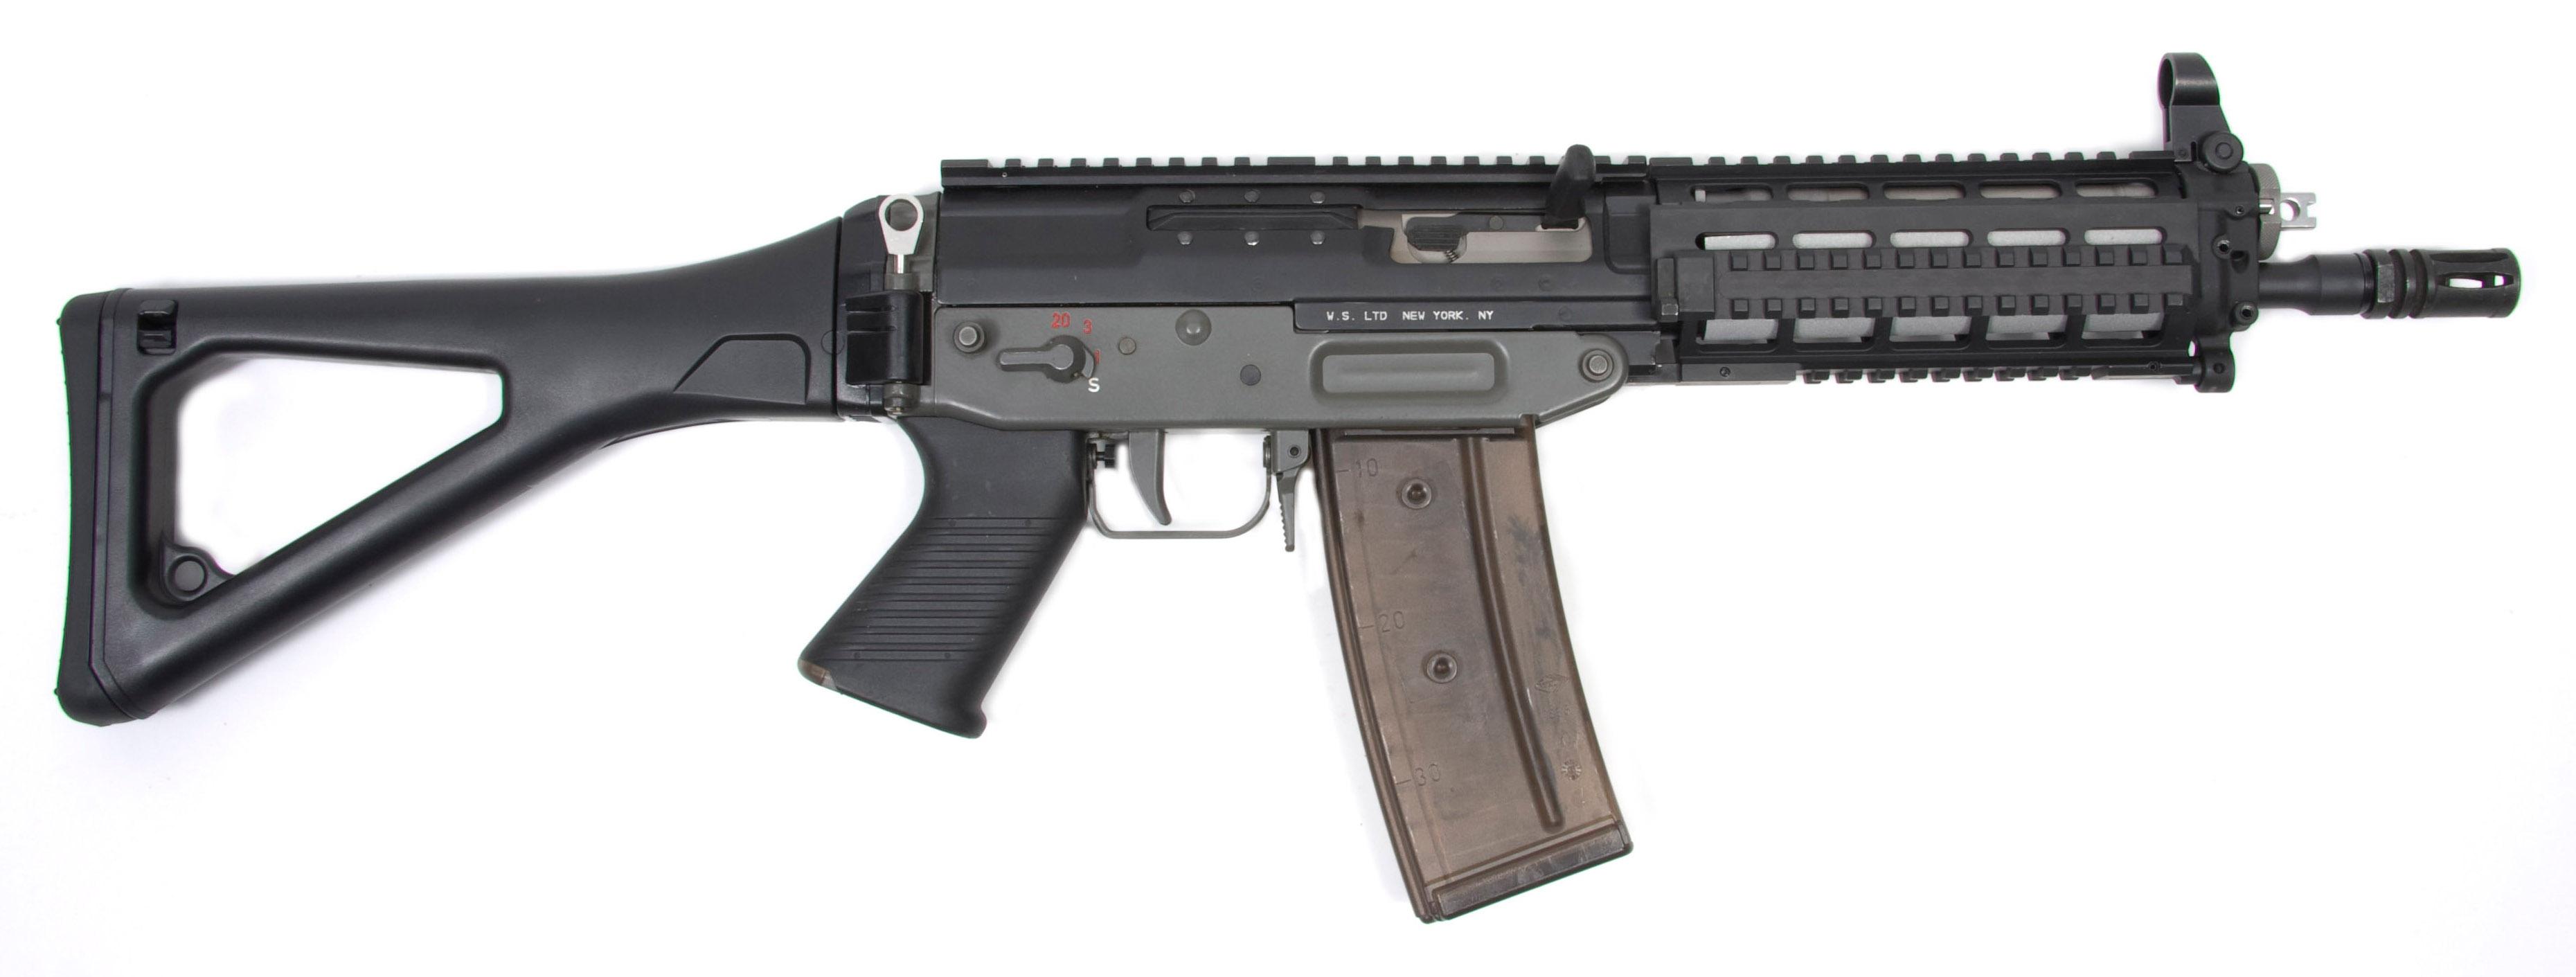 Hammer Industries Assault Rifle